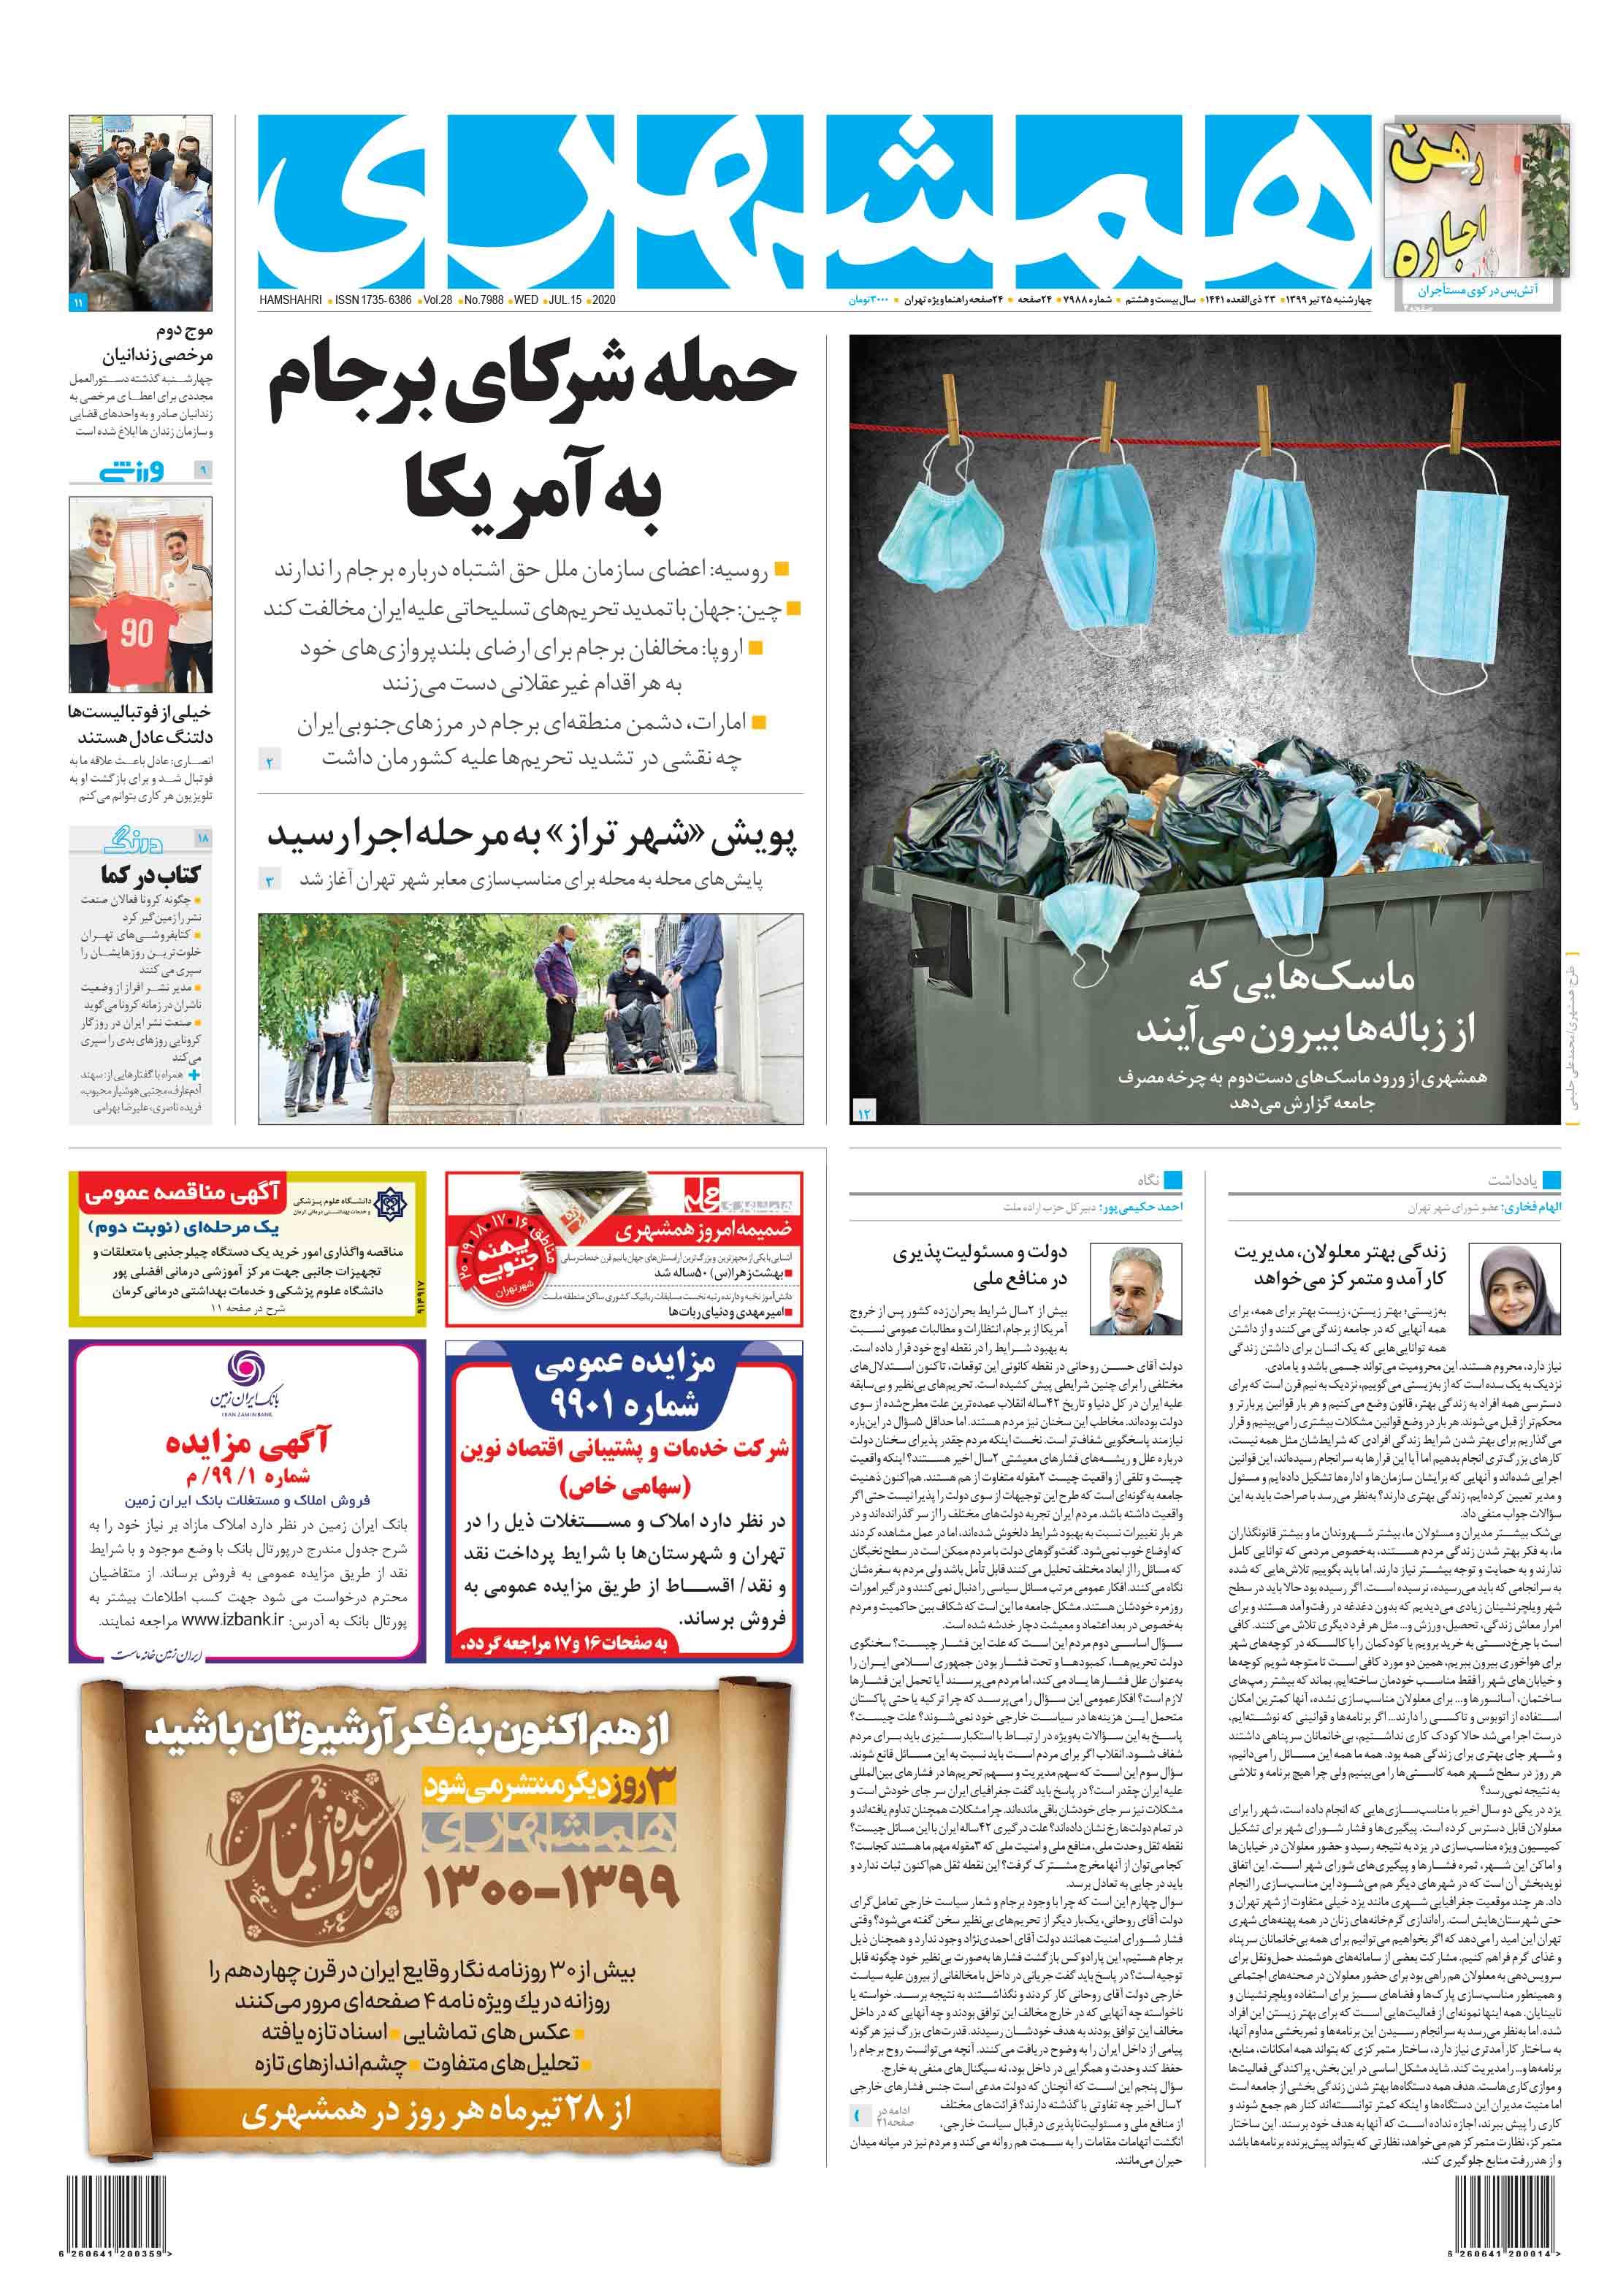 صفحه اول چهارشنبه 25 تیر 1399